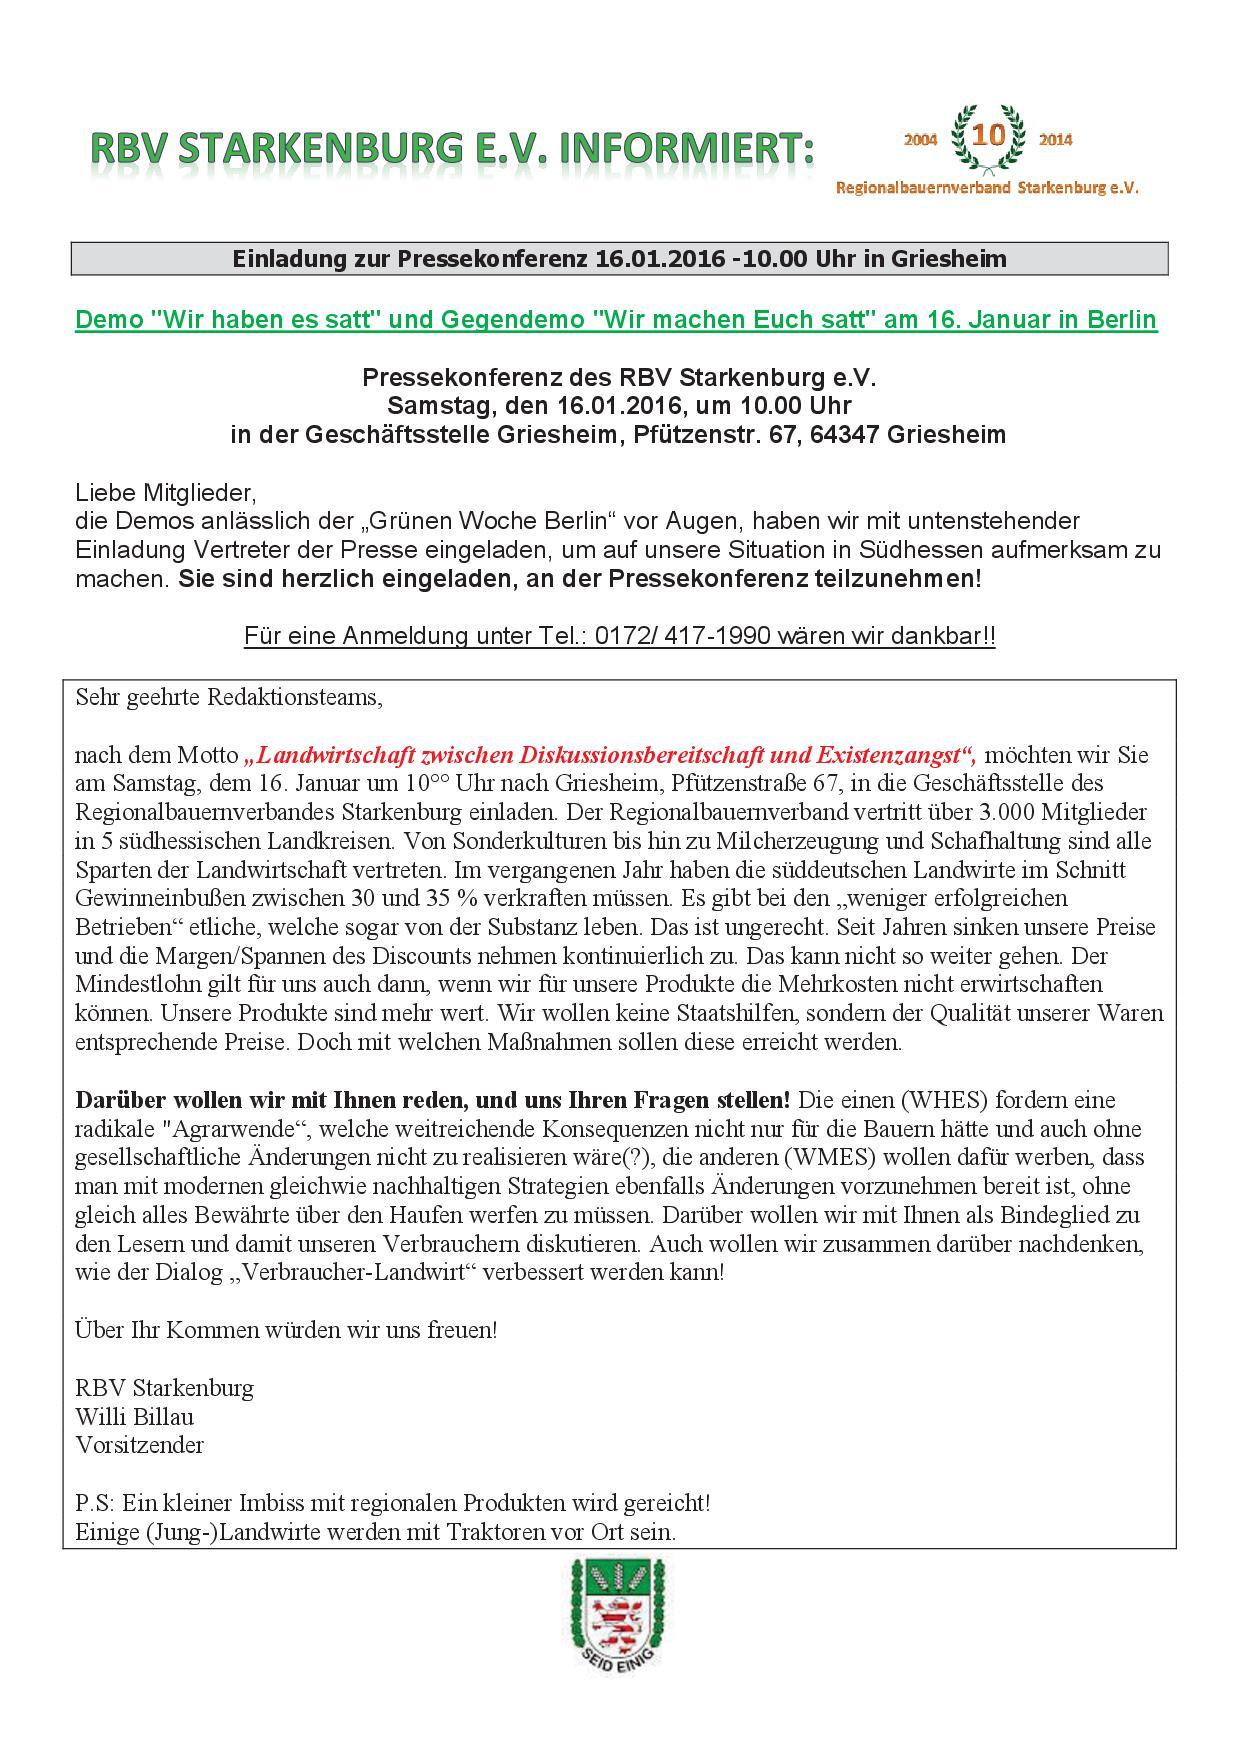 RBV Starkenburg informiert Pressekonferenz 16.01.2016